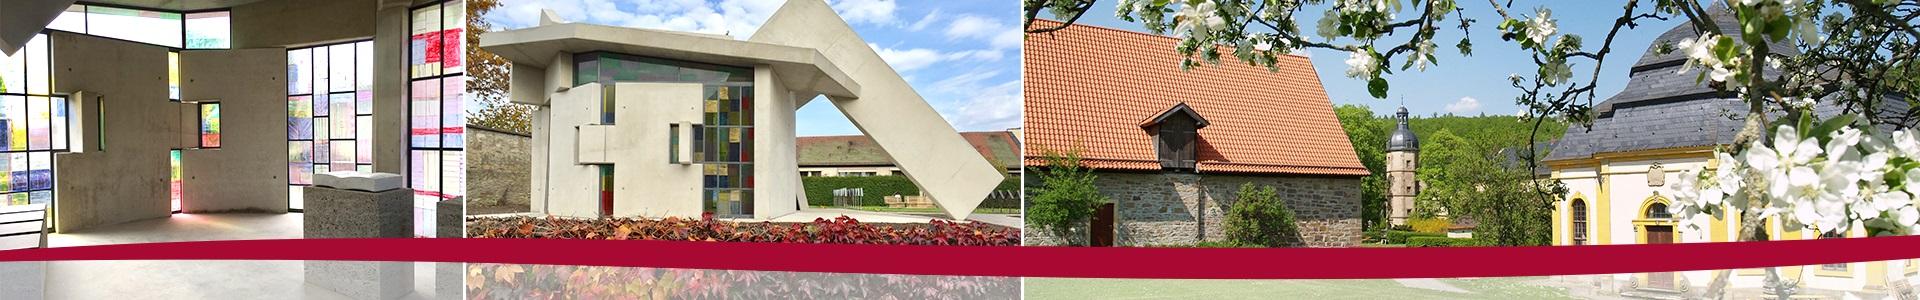 Kloster Maria Bildhausen - 49-Slider7.jpg